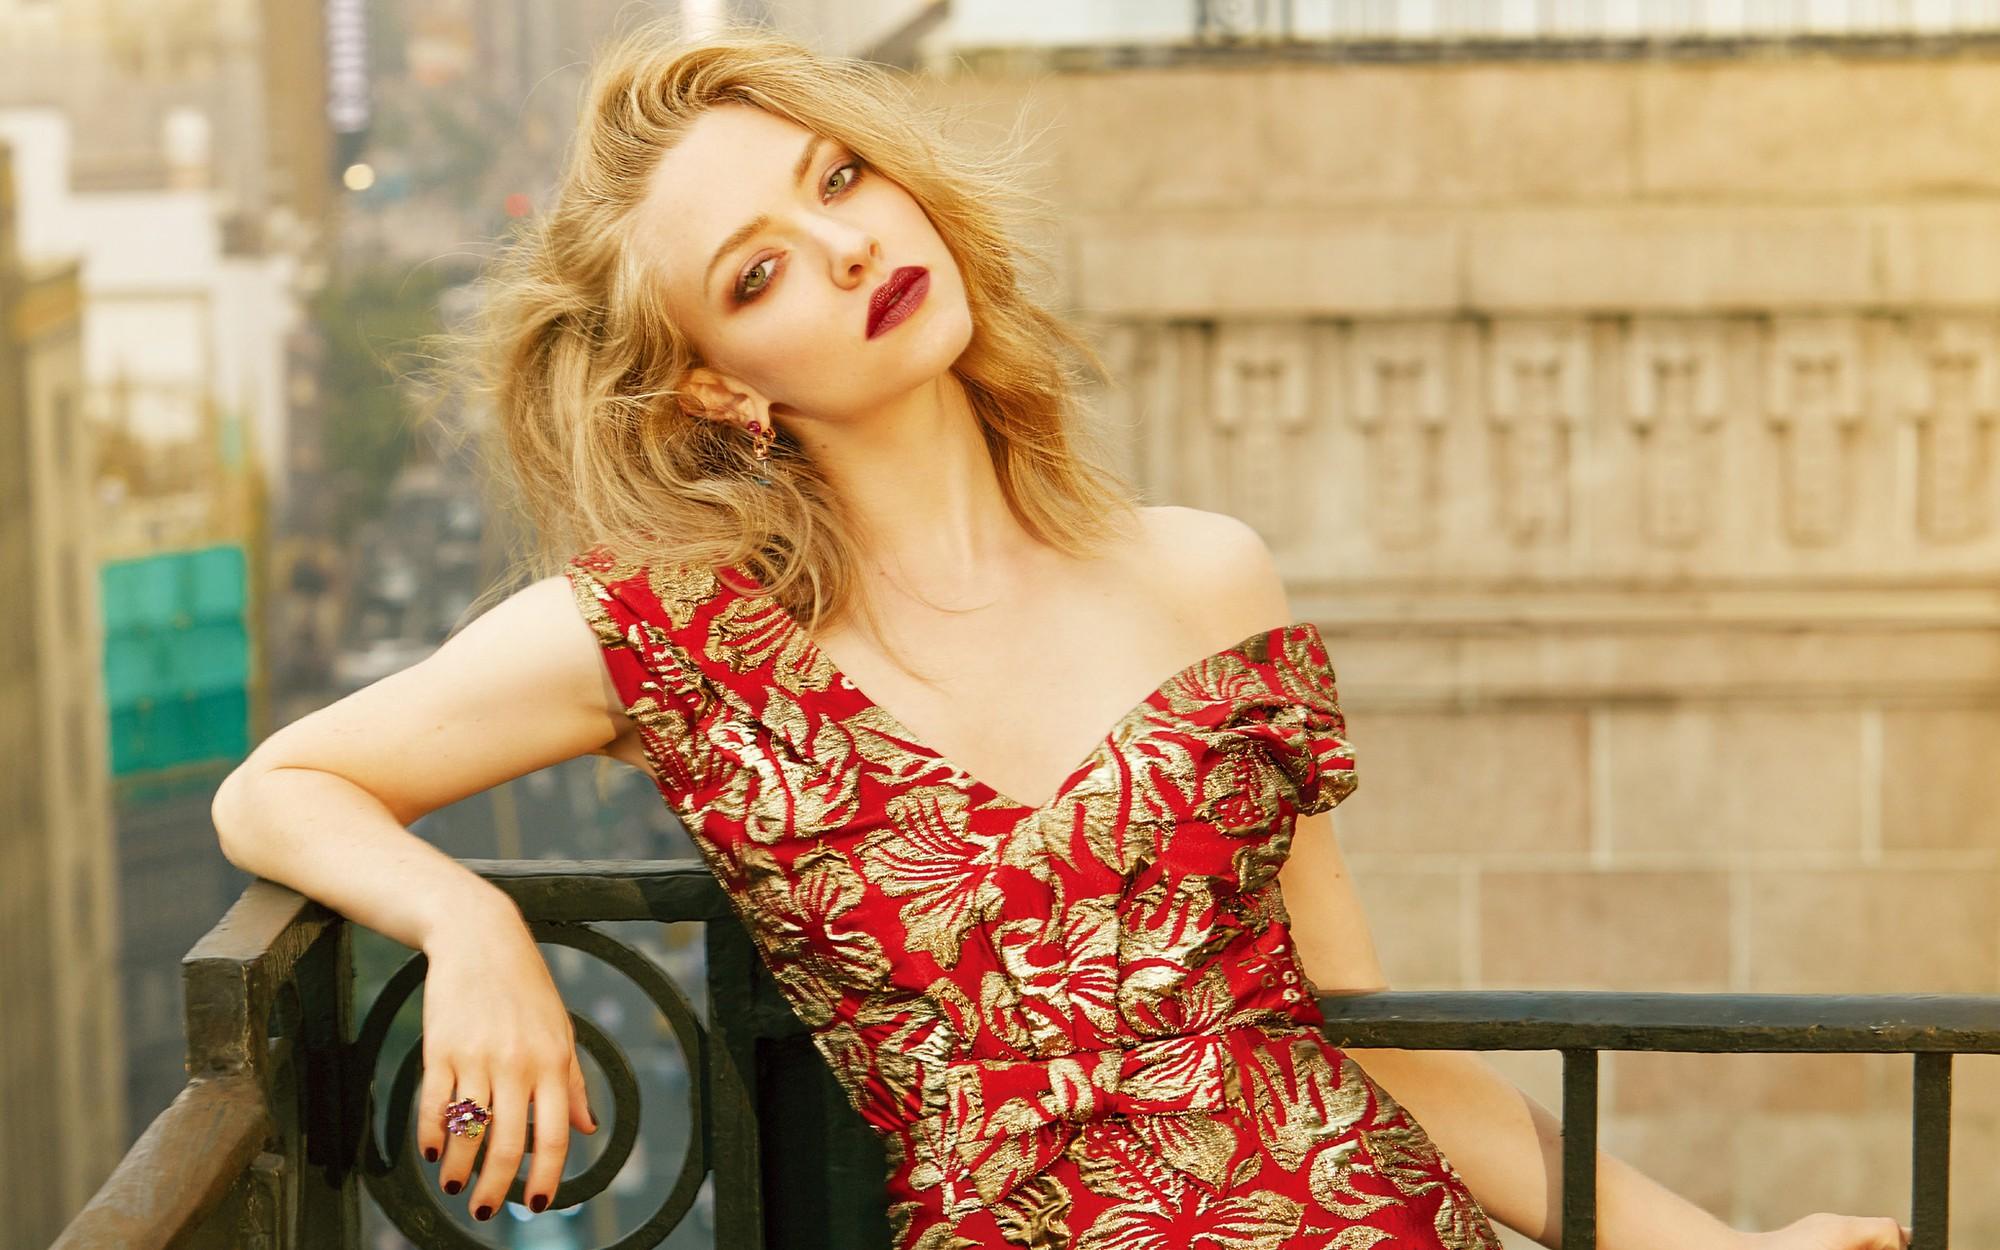 Cô đào đa tình đa tài bậc nhất Hollywood Amanda Seyfried giữ dáng bằng cách nào? - Ảnh 5.